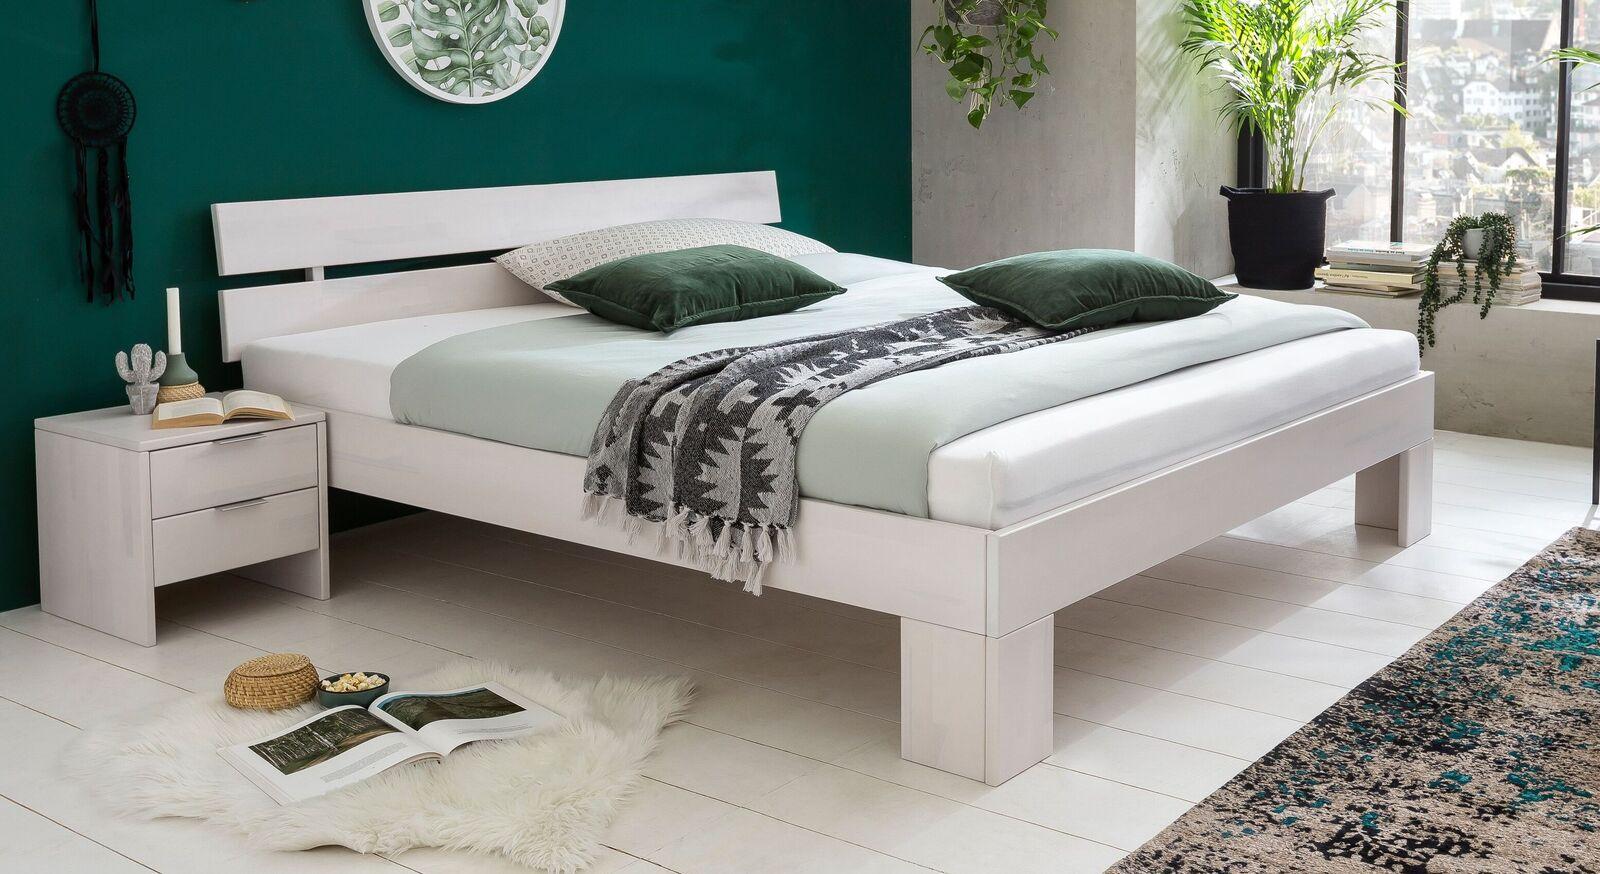 Bett Tanu aus weiß lackiertem Massivholz